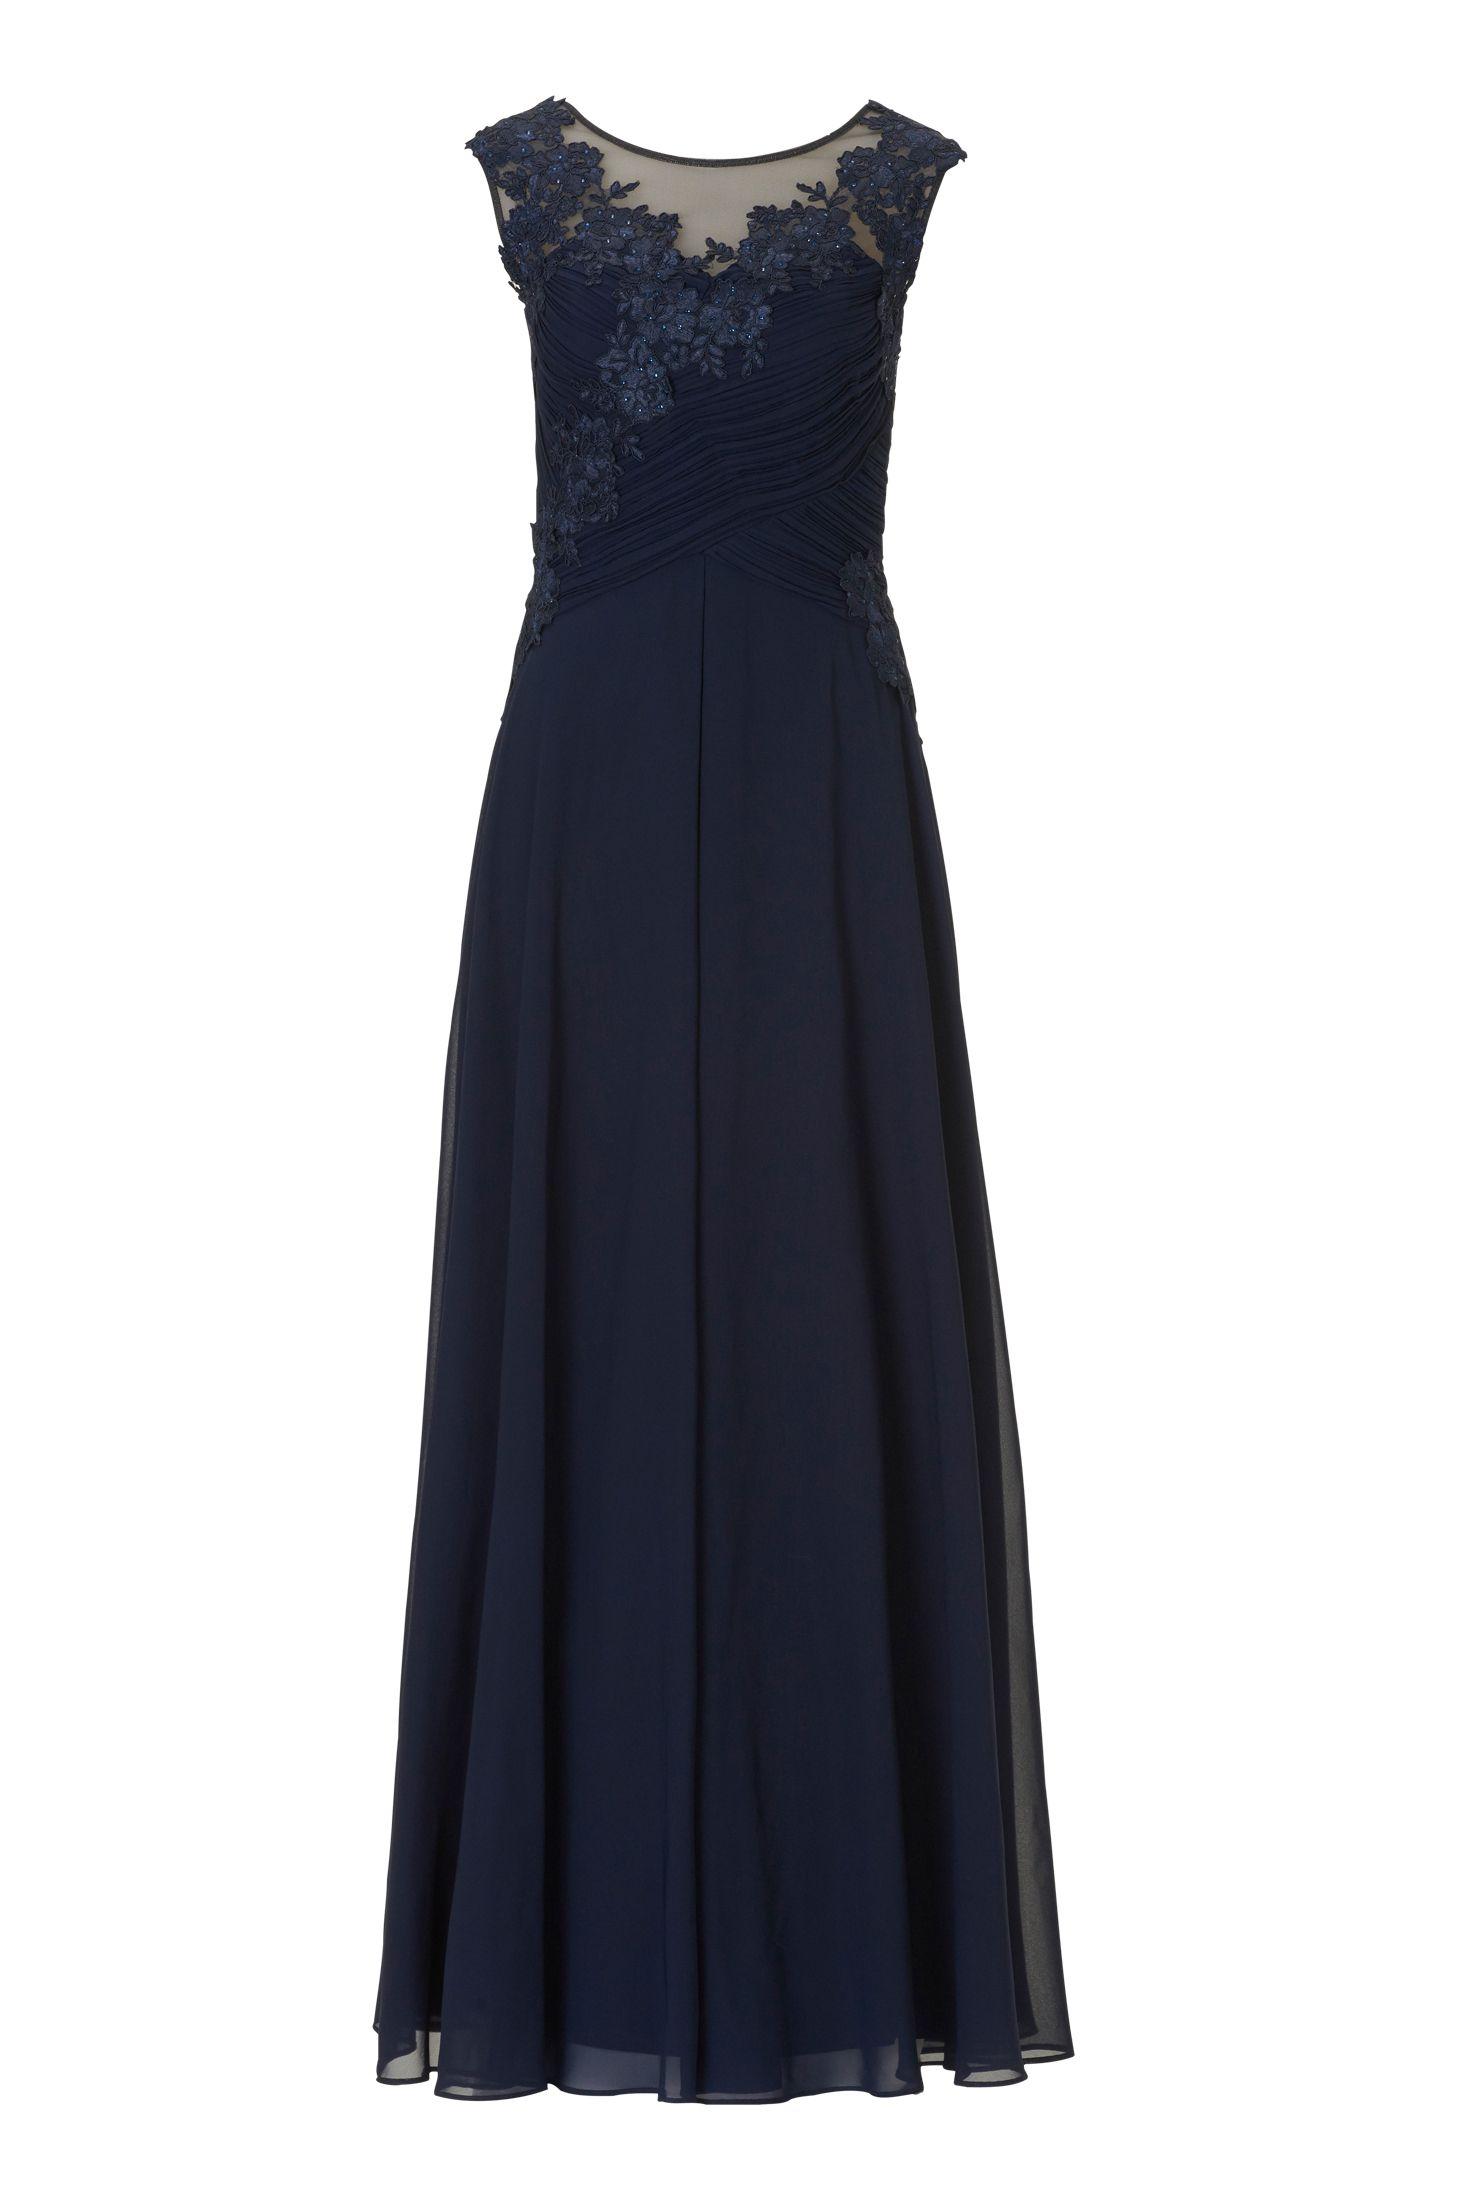 Langes Kleid Abendkleid Chiffon Dunkelblau Vera Mont Mode Bosckens Abendkleid Lange Kleider Chiffon Abendkleider